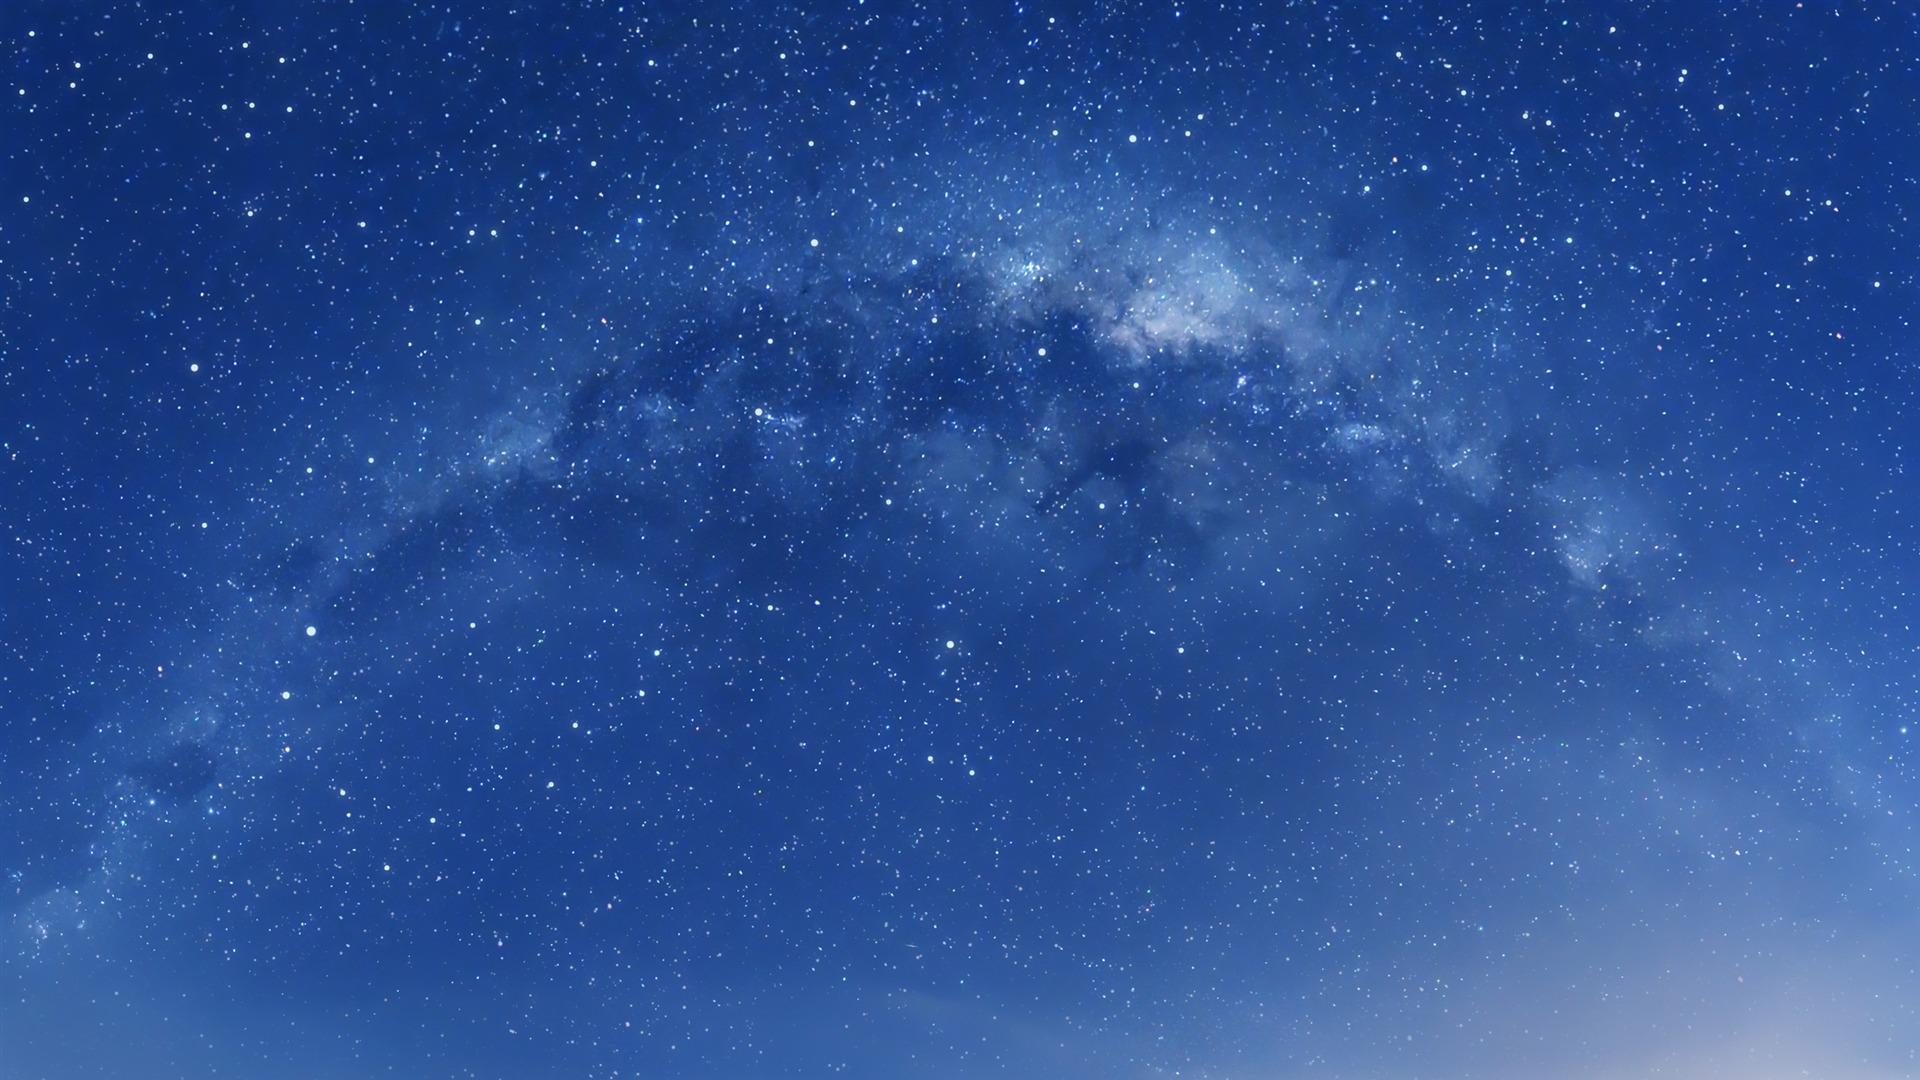 描述: 星空中的银河-mac os 壁纸 当前壁纸尺寸: 1920 x 1080图片